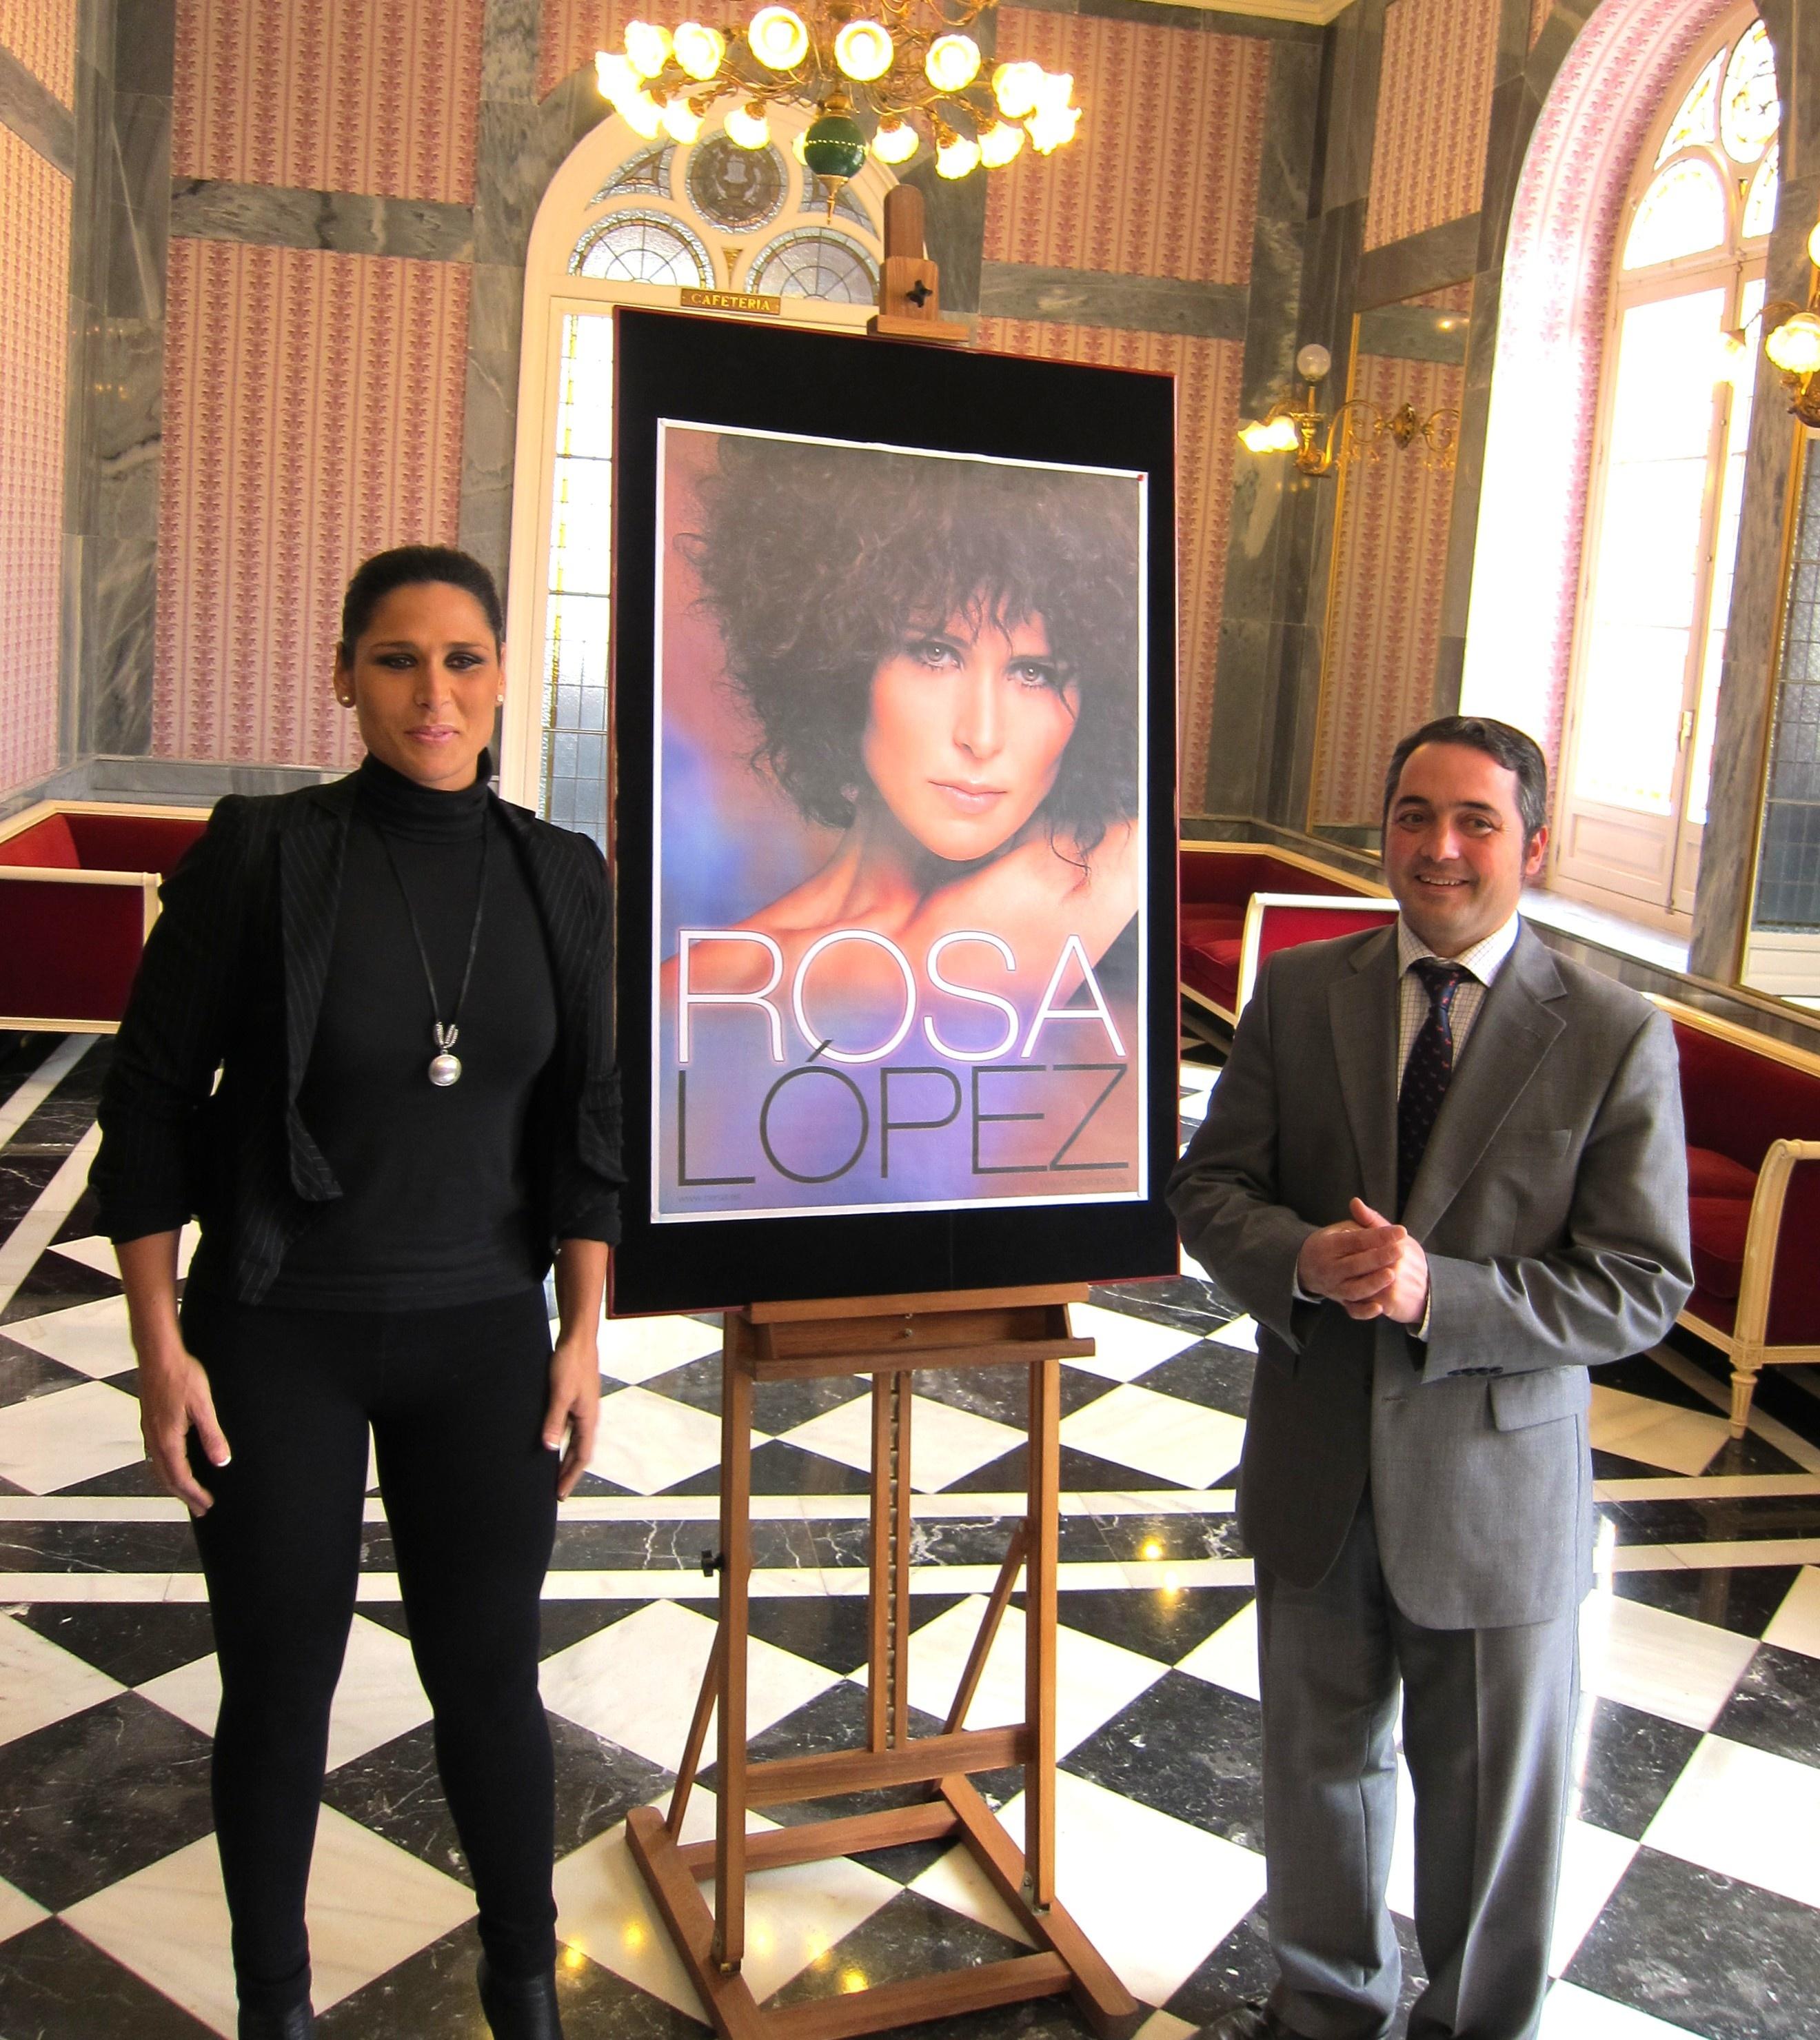 La cantante Rosa López presentará su nuevo disco homónimo en el Teatro Romea de Murcia